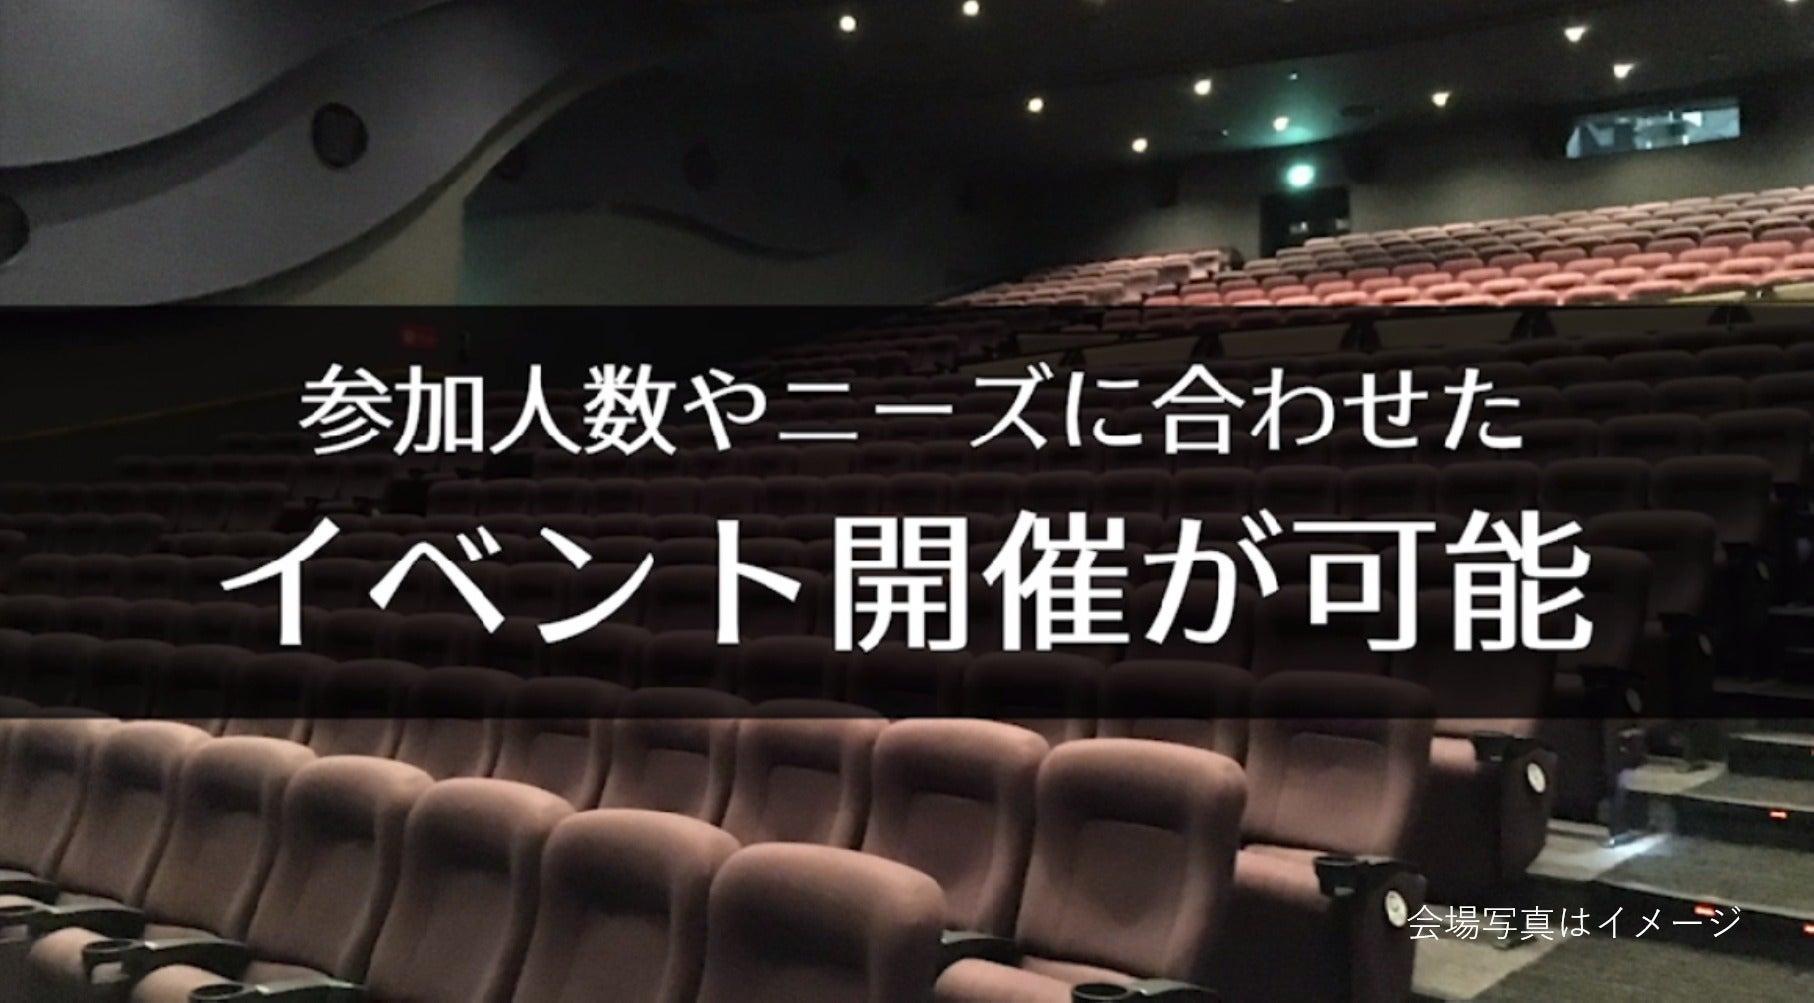 【新潟 109席】映画館で、会社説明会、株主総会、講演会の企画はいかがですか?(ユナイテッド・シネマ新潟) の写真0